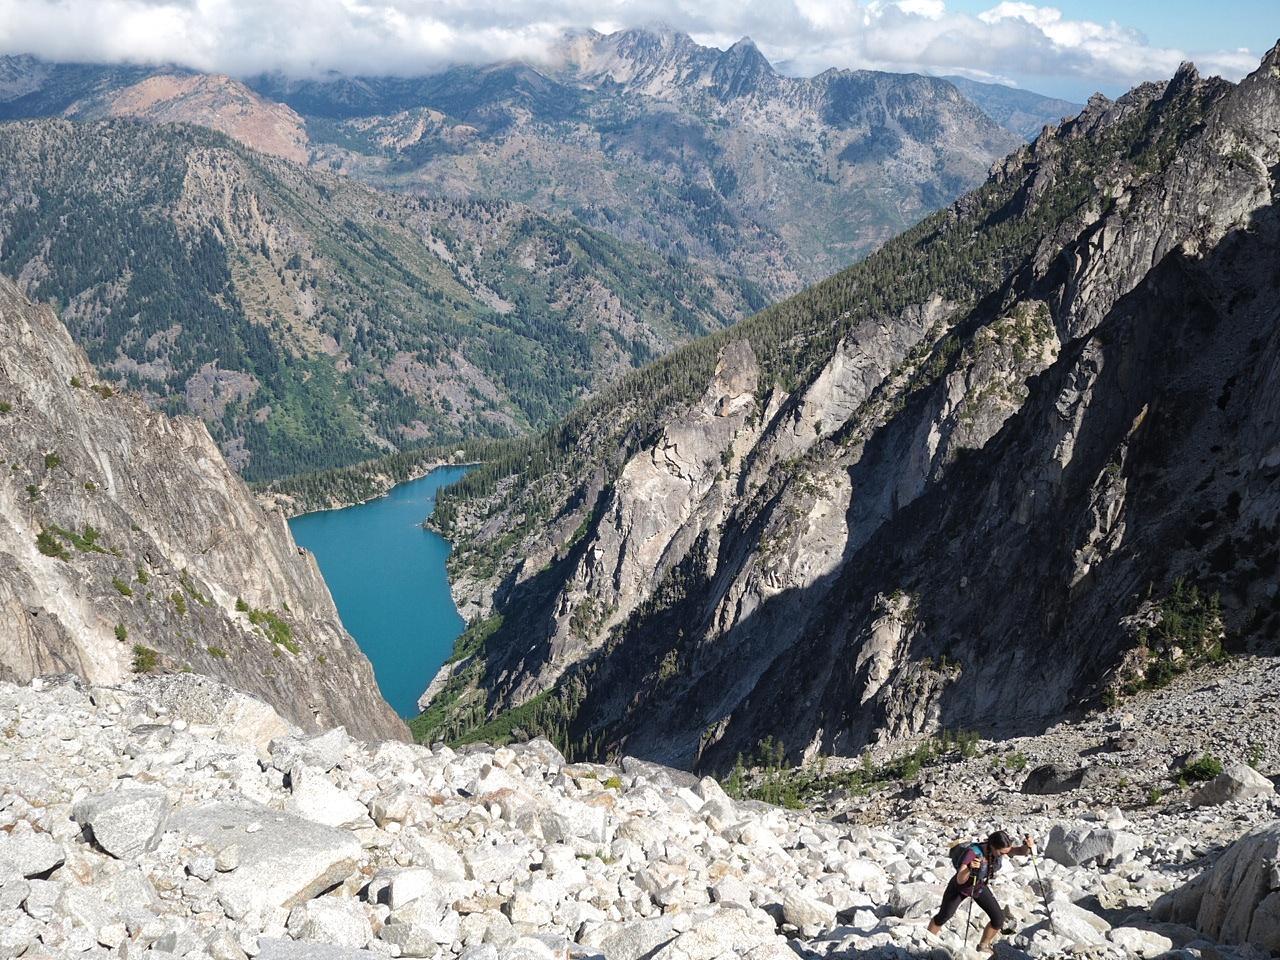 Padre pierde la vida tras caer 2000 metros en viaje con su hijo